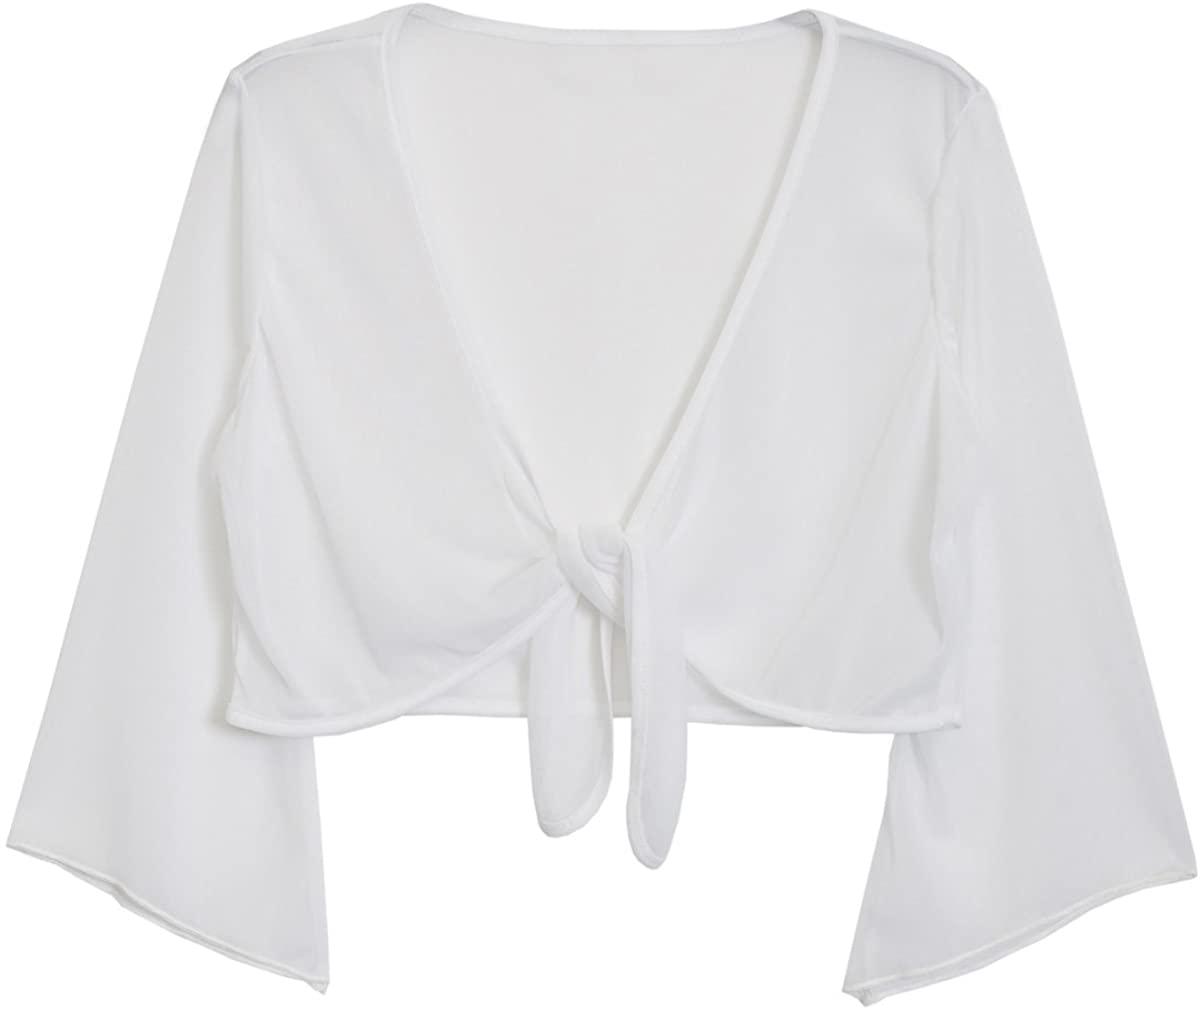 eVogues Plus Size Sexy White Sheer Front Tie Bolero Shrug